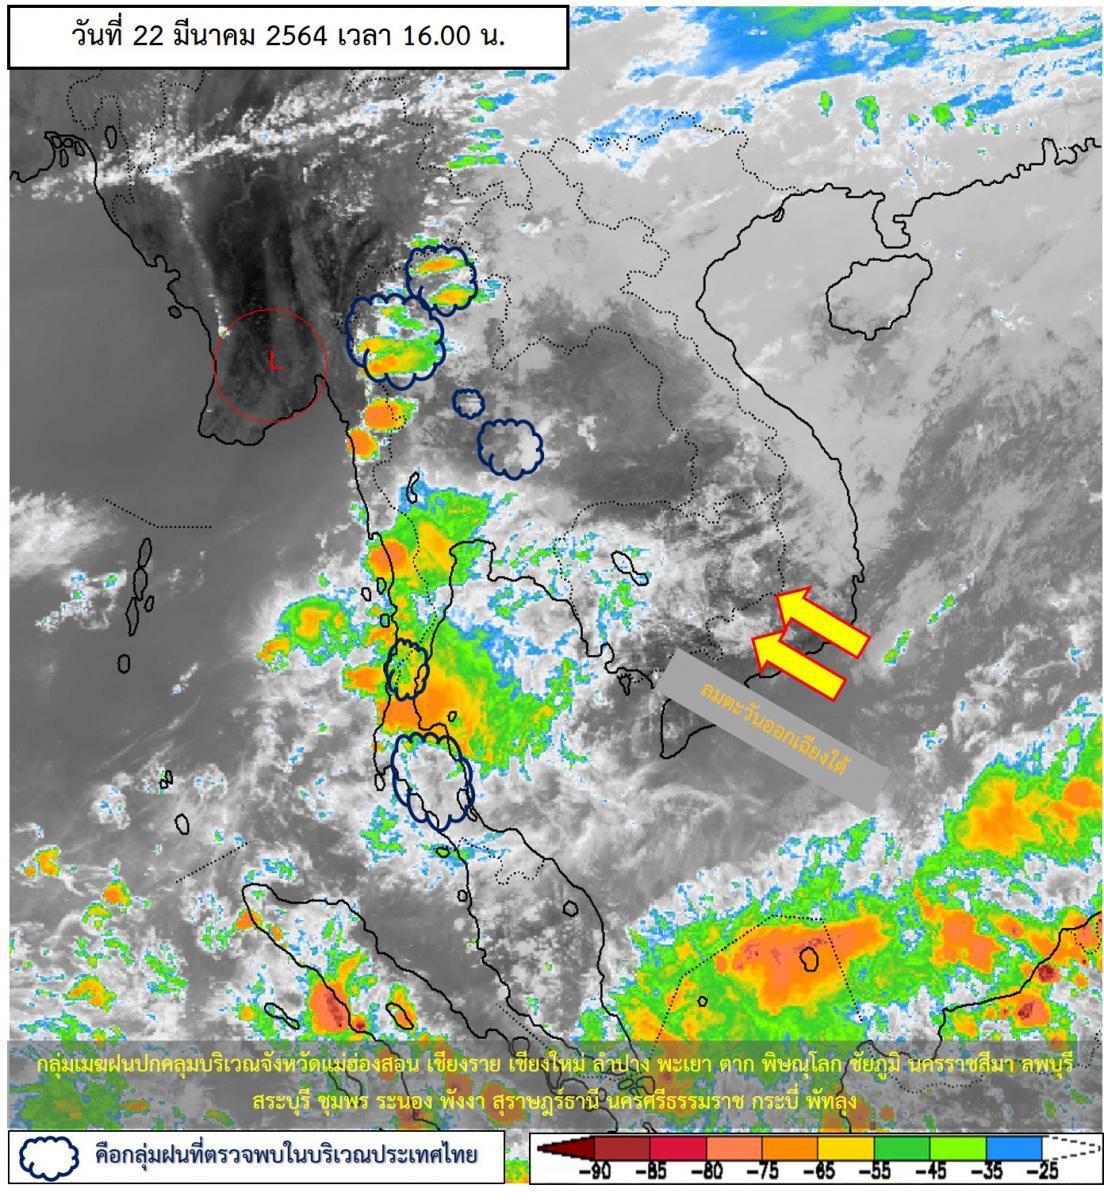 """เตือน """"พายุฤดูร้อน"""" ถล่มต่อเนื่อง 37 จังหวัด ระวังฝนตก ลมแรง - กทม.ไม่รอด"""